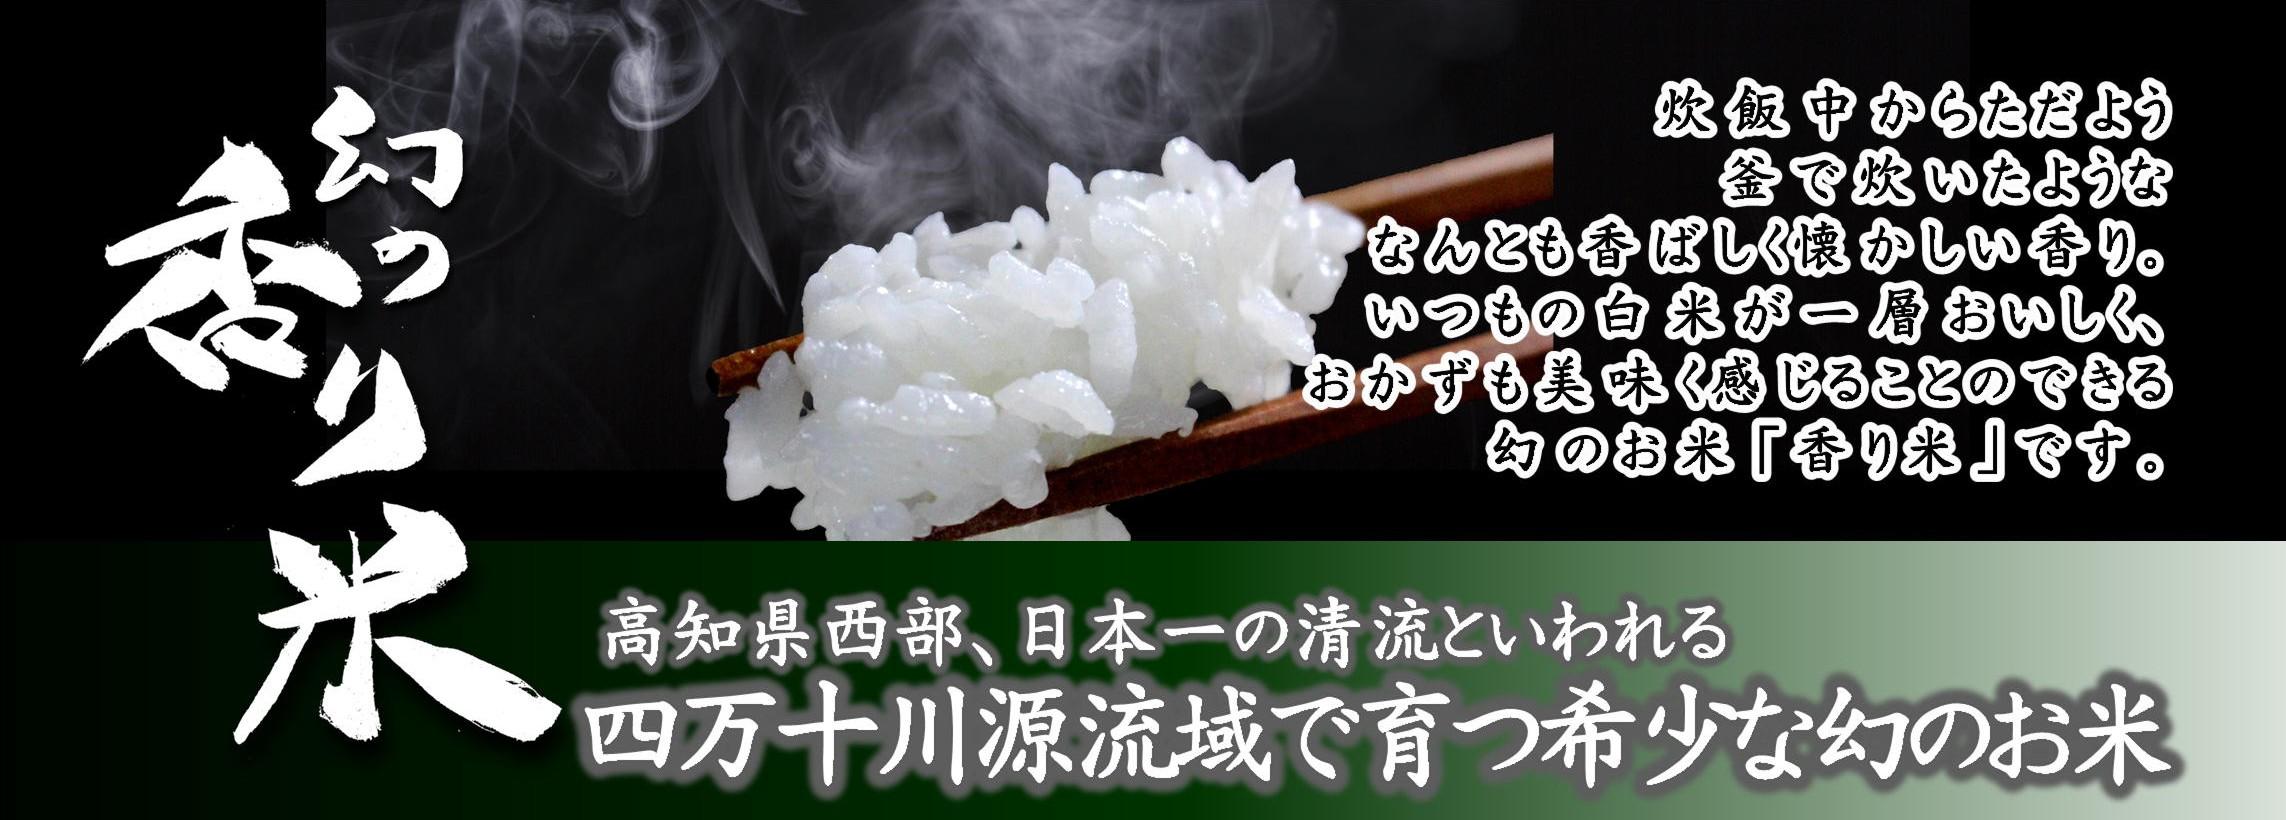 香り米紹介TOP